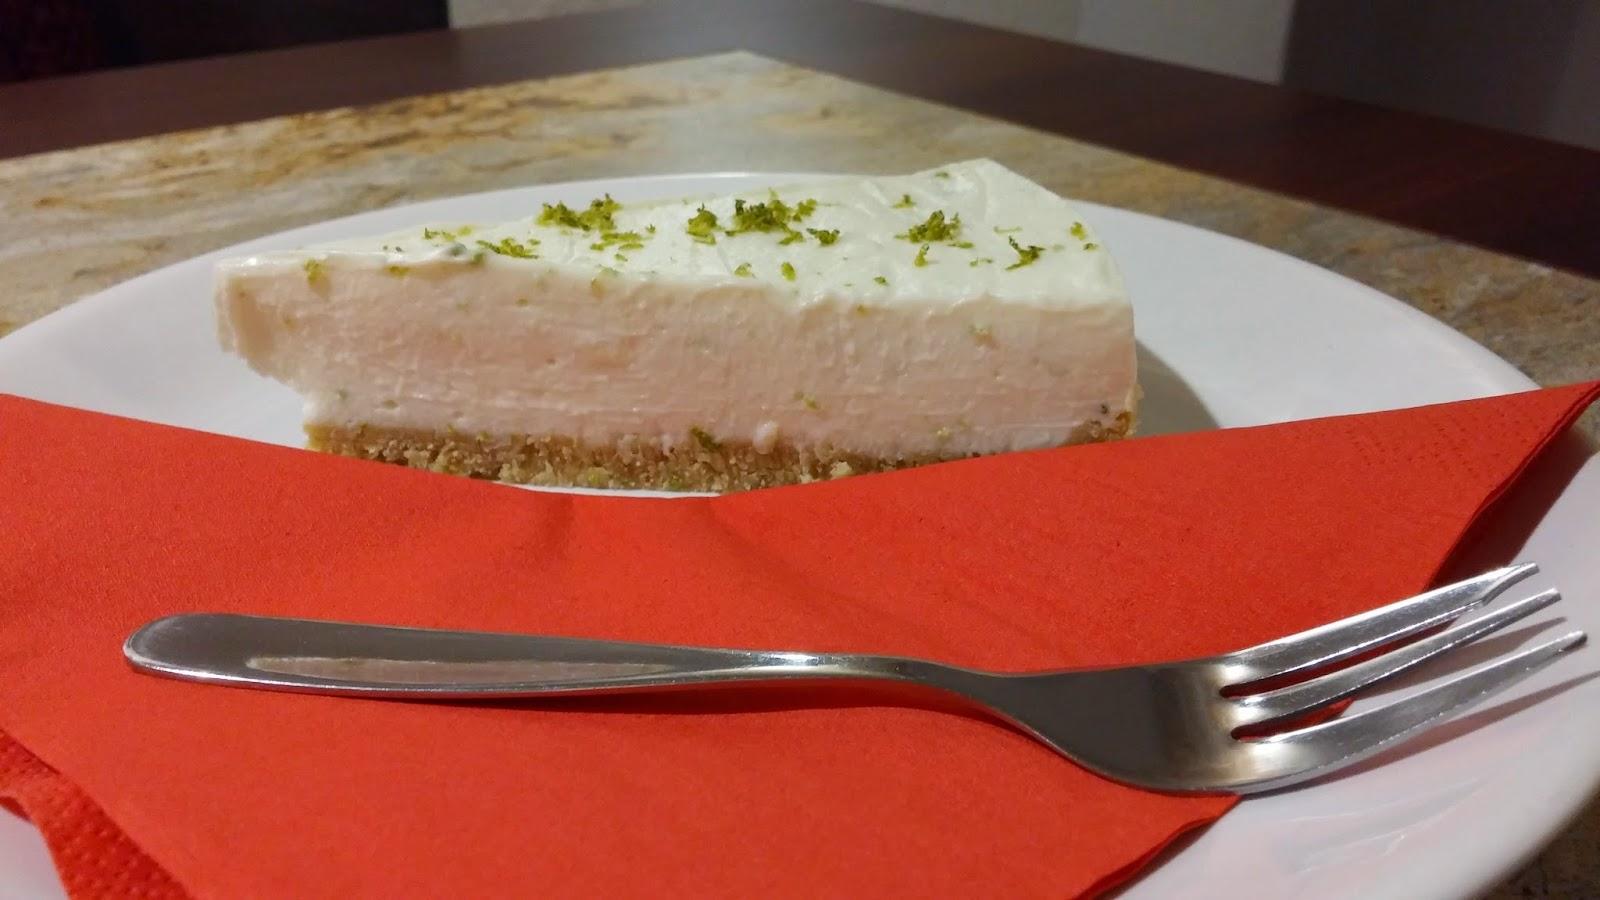 Cheesecake U Mlsného kocoura